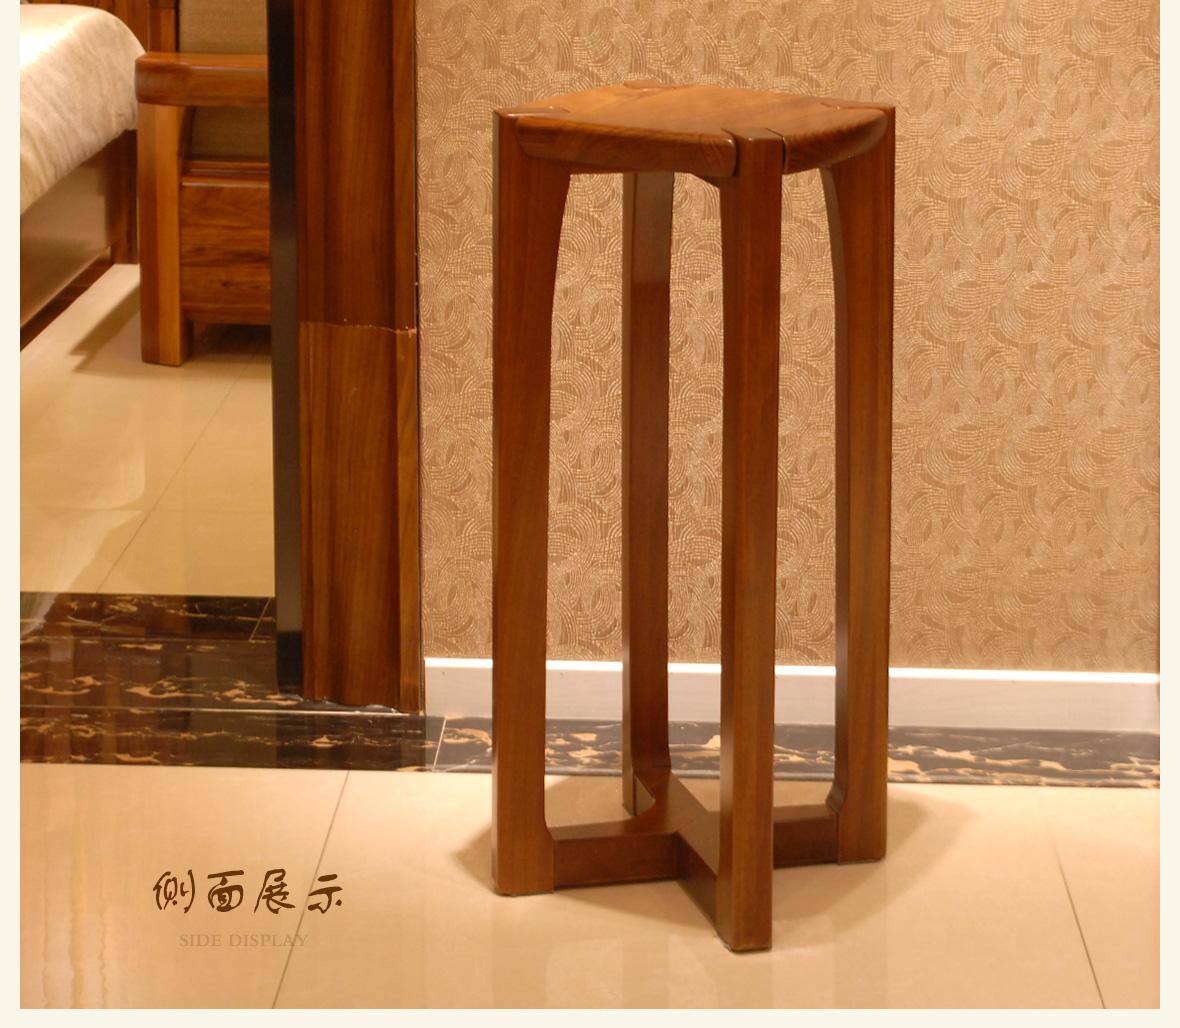 赖氏型号卖场木高花架WJW0101A家具v型号实木乌金合肥美式家具图片